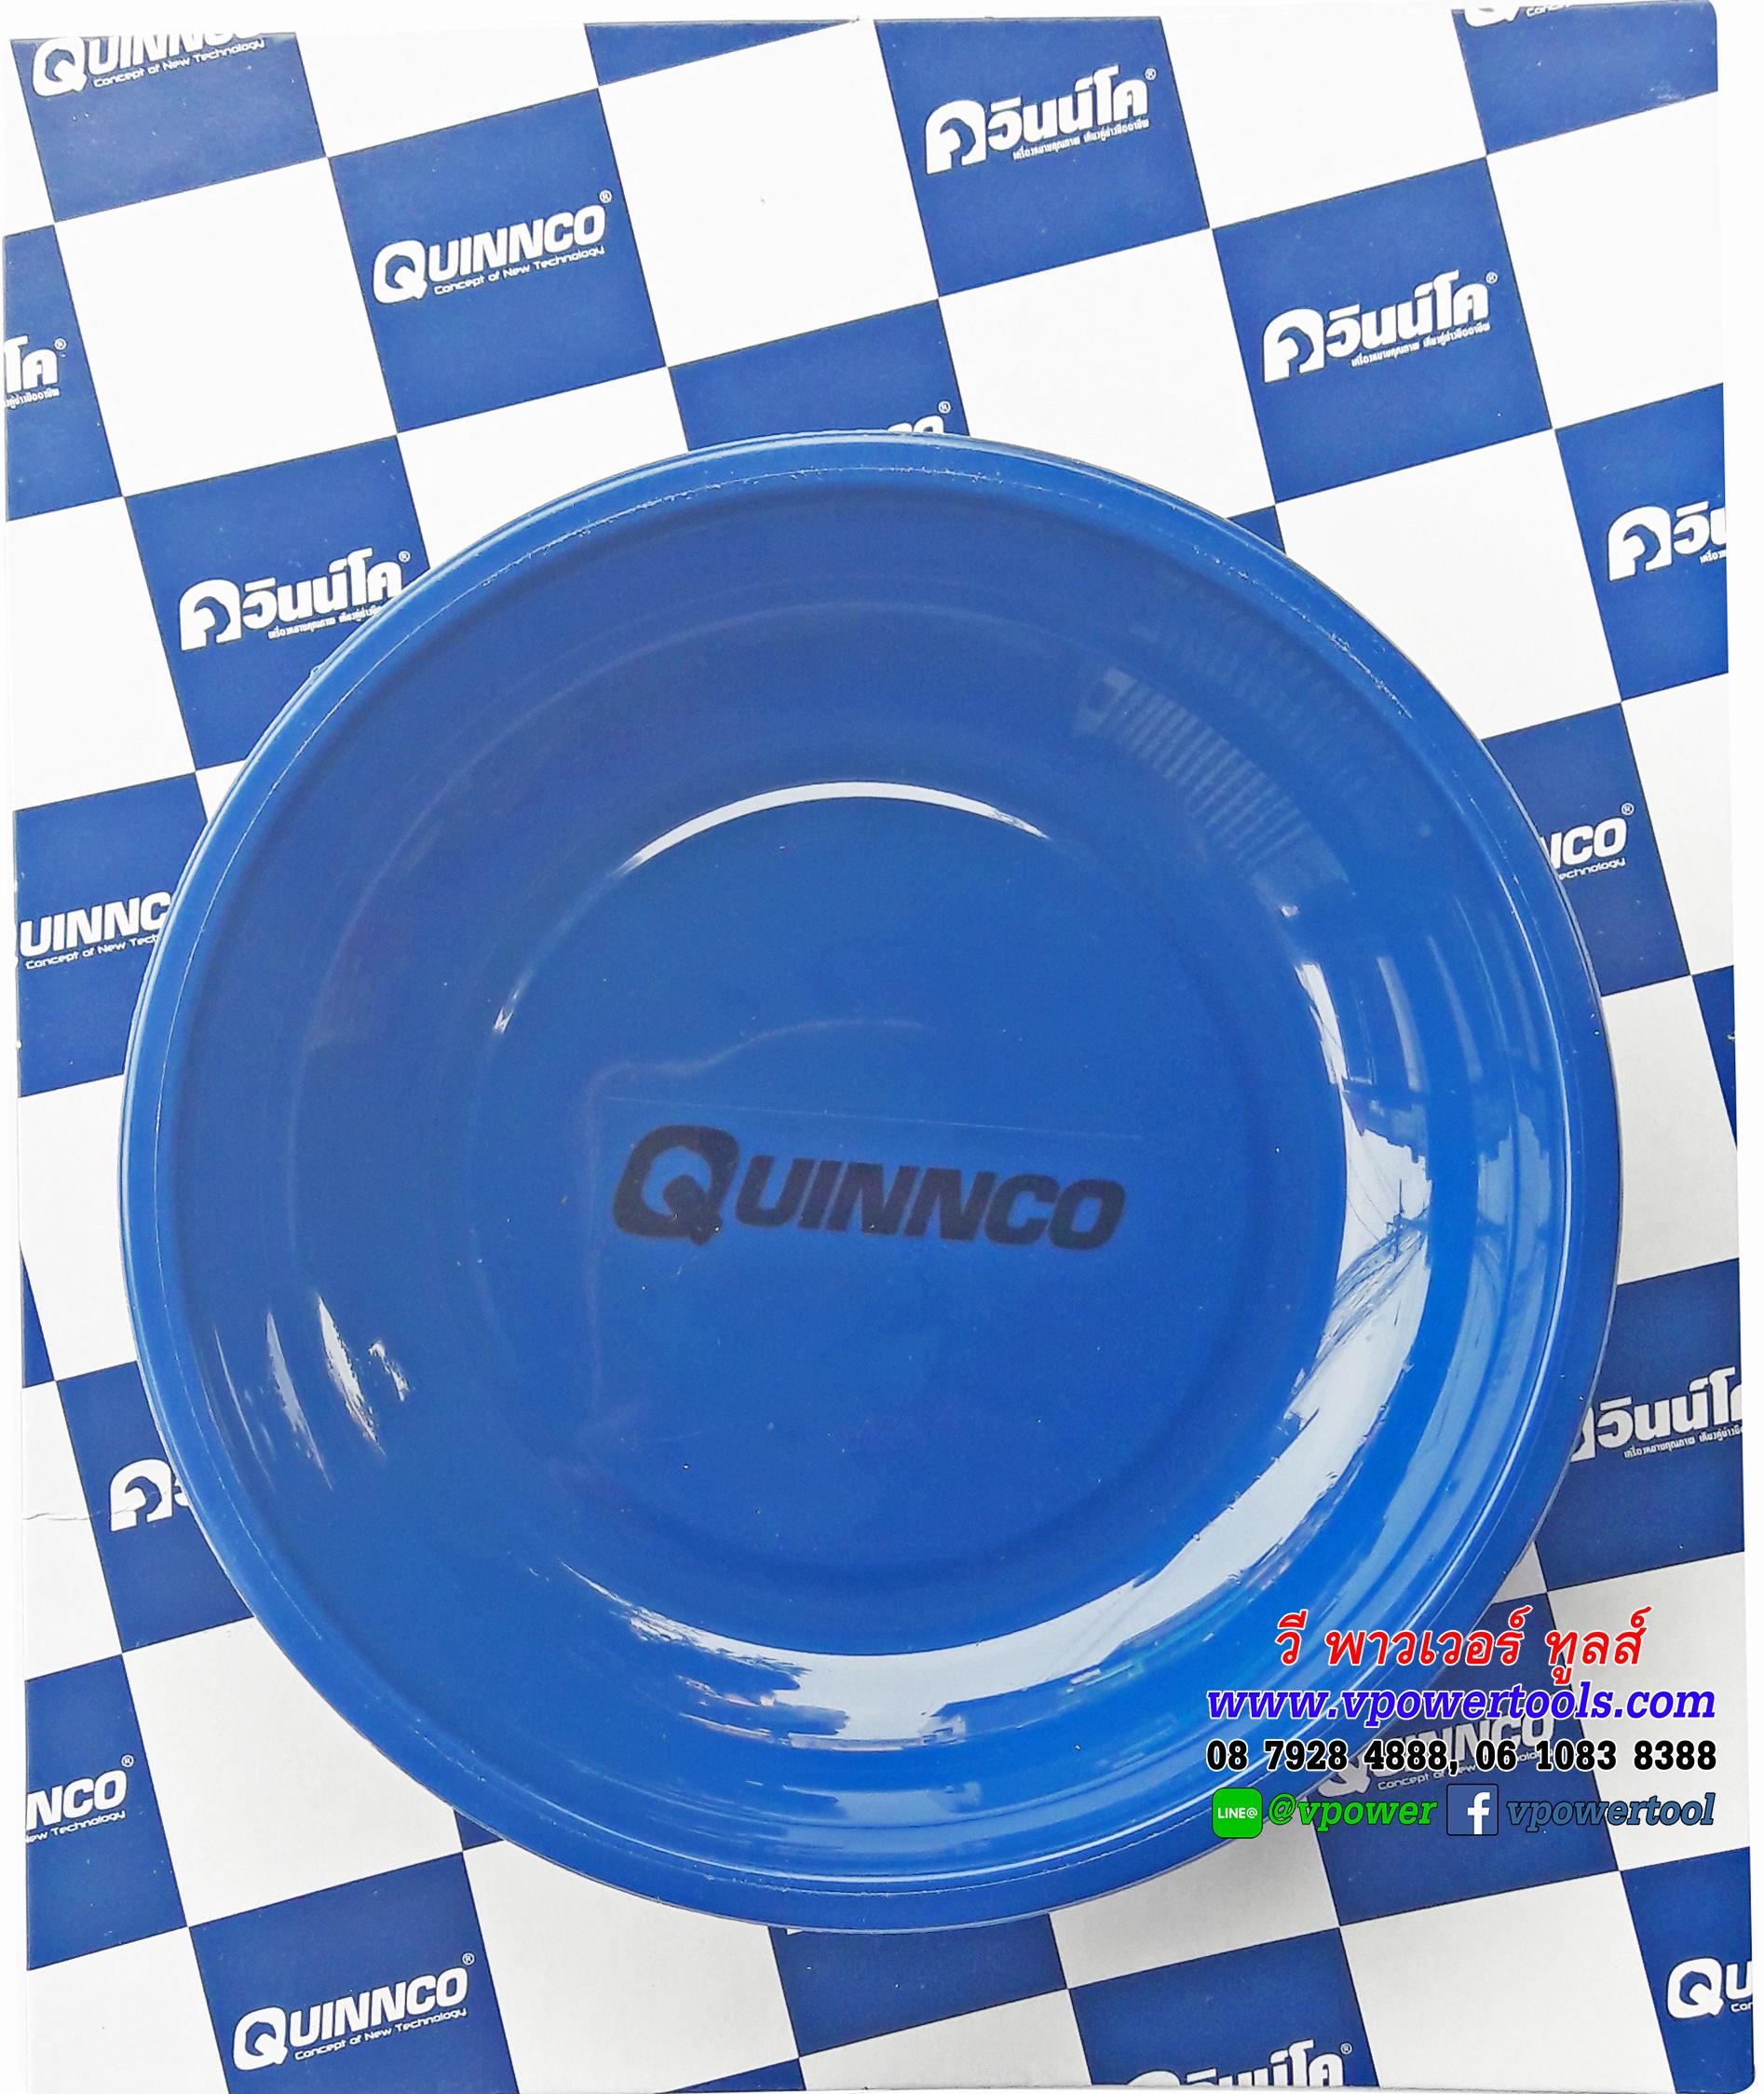 QUINNCO จานแม่เหล็ก ขนาดเส้นผ่าศูนย์กลาง 6 นิ้ว ลึก 1 นิ้ว